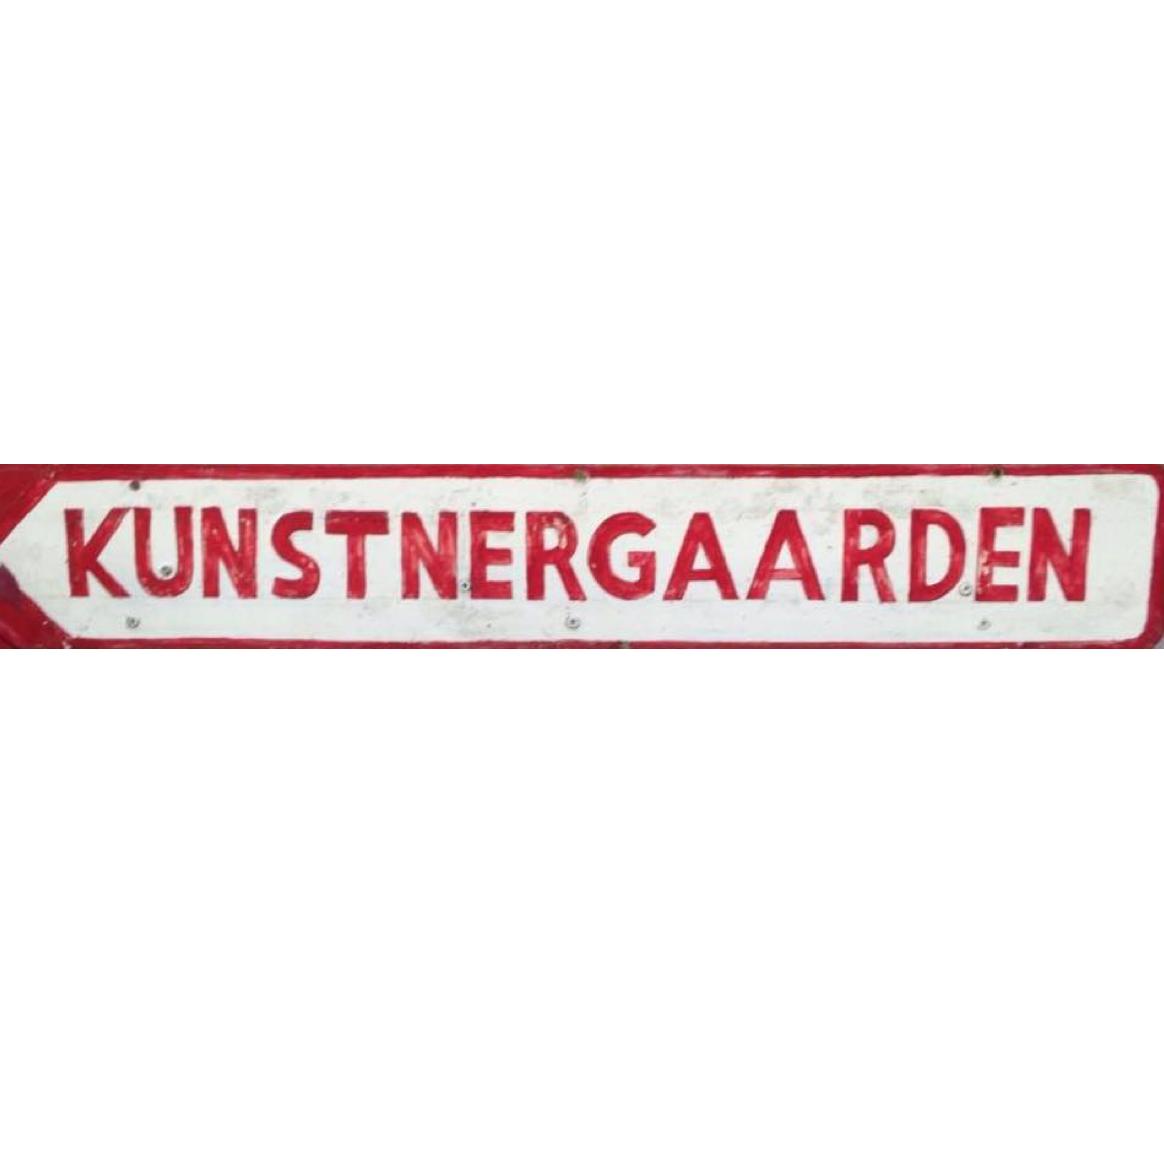 Kunstnergaarden